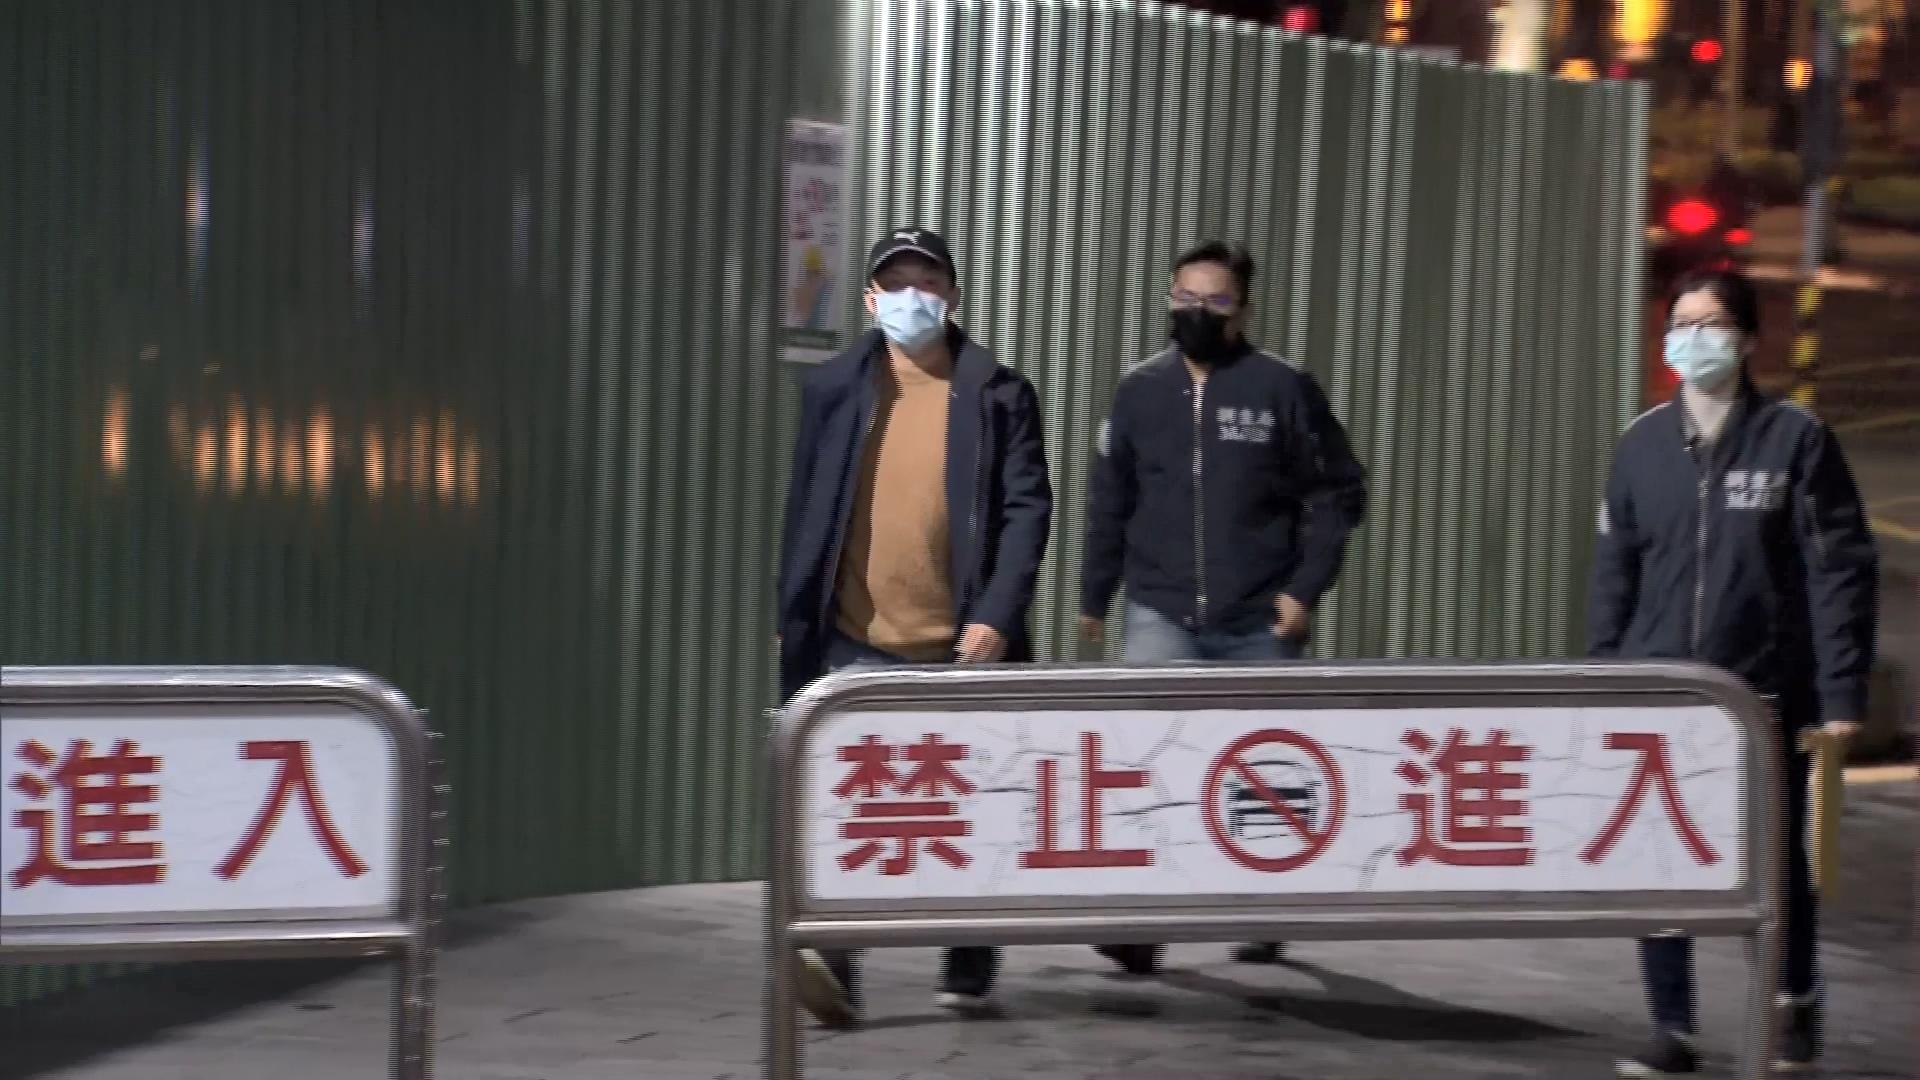 圖/TVBS 酒店行賄警涉貪!檢調首度搜索偵查隊約談2刑警